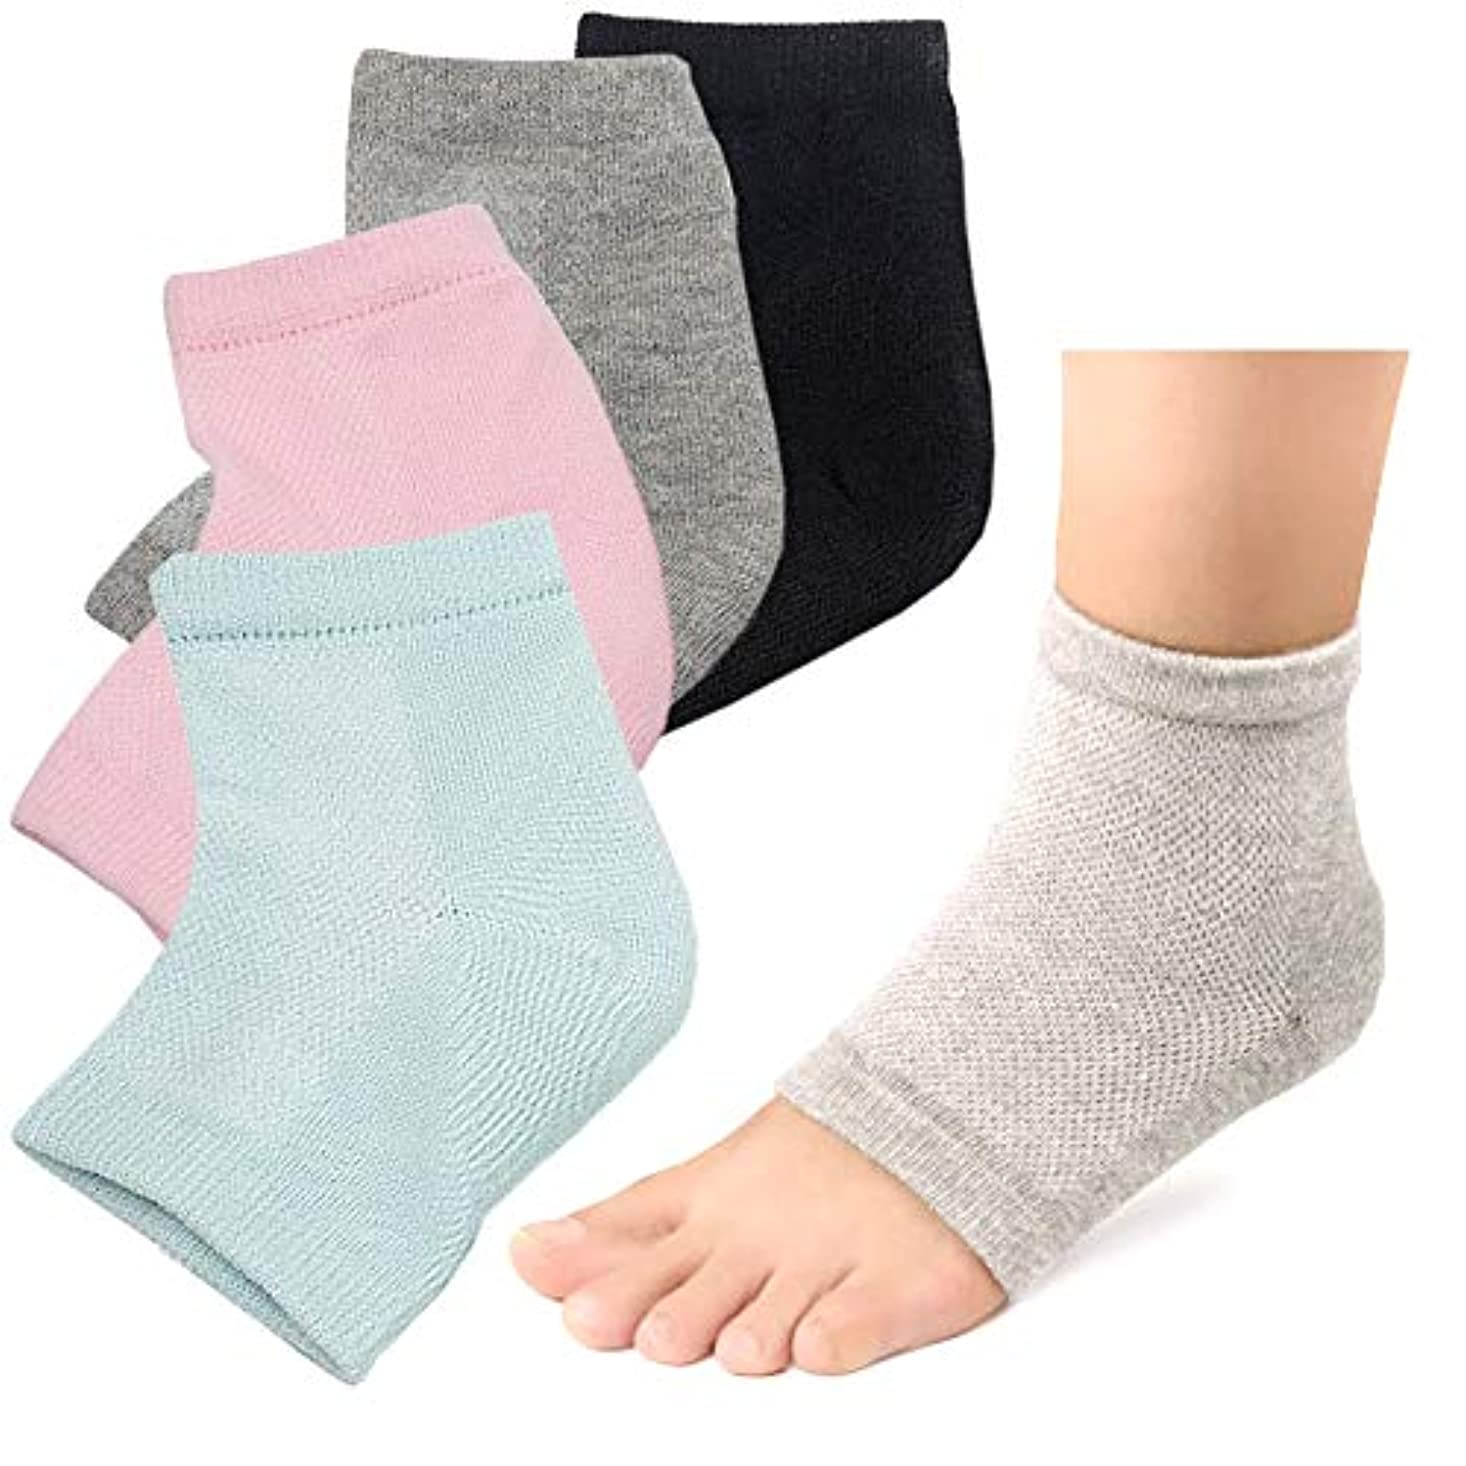 かろうじて発生するモトリーかかと 靴下 ソックス つるつる 2足セット かかとケア かかとサポーター ひび割れ対策 角質ケア (グレー/グリーン)